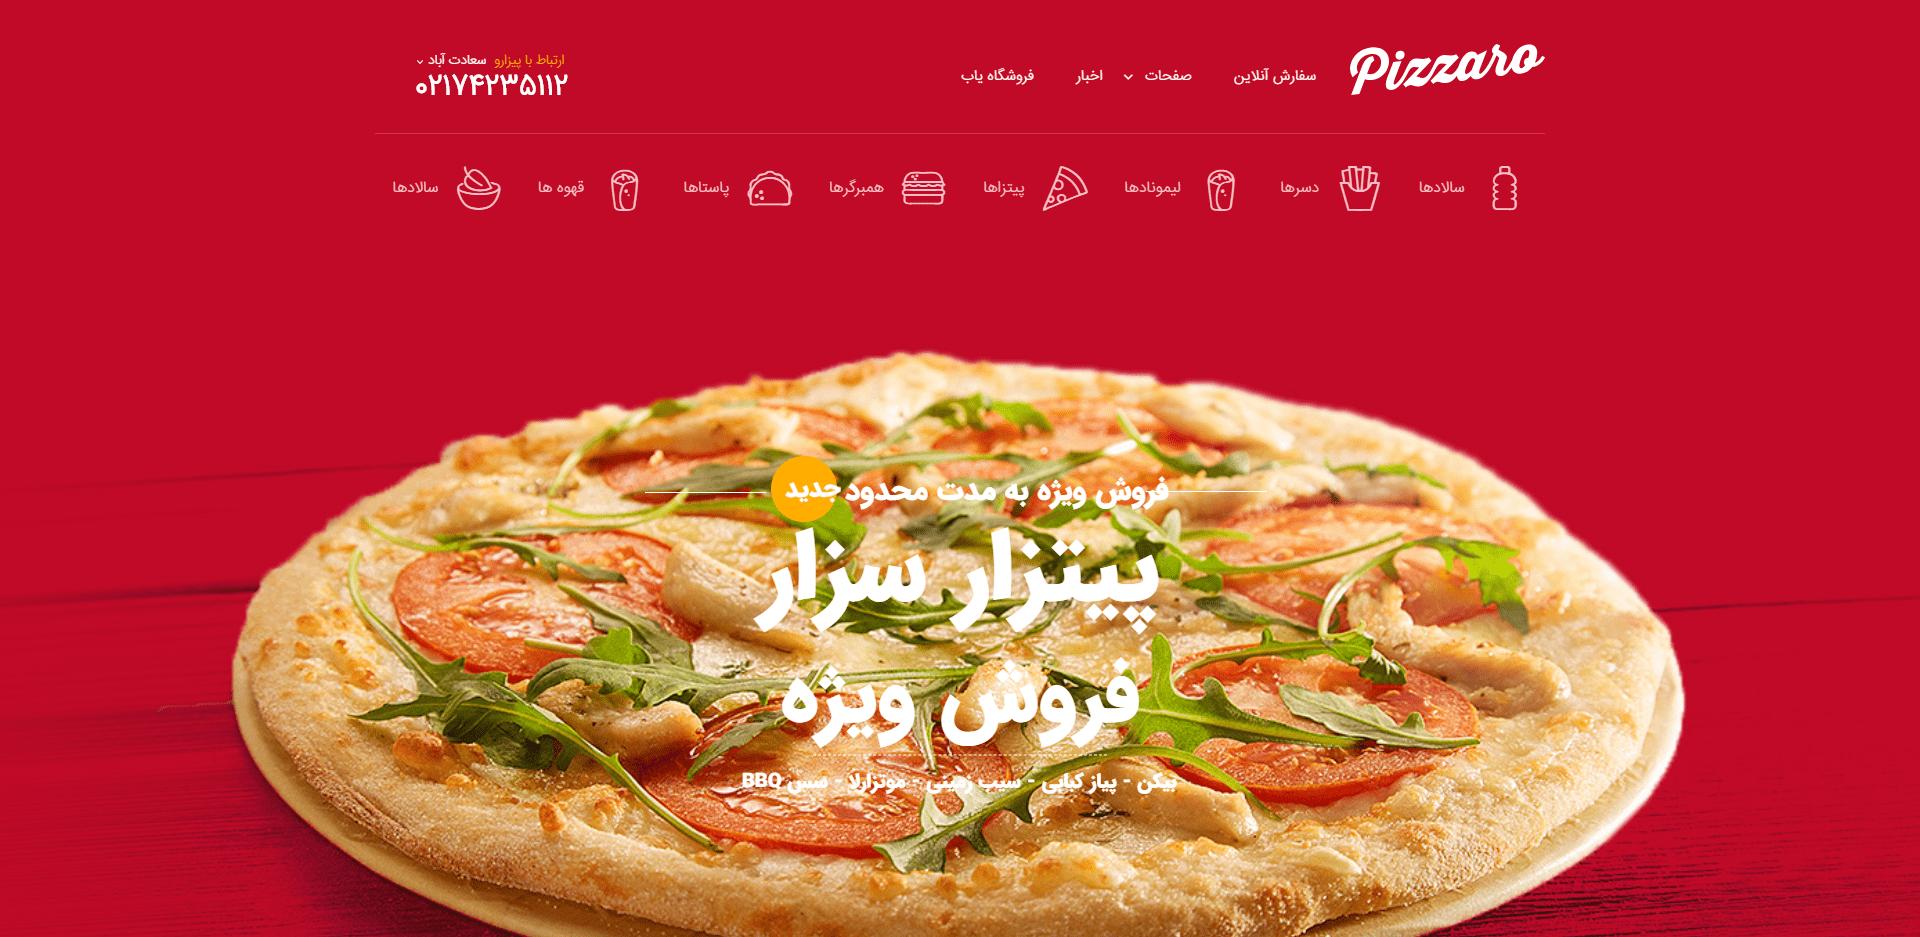 بهترین قالب سفارش آنلاین غذا Pizzaro